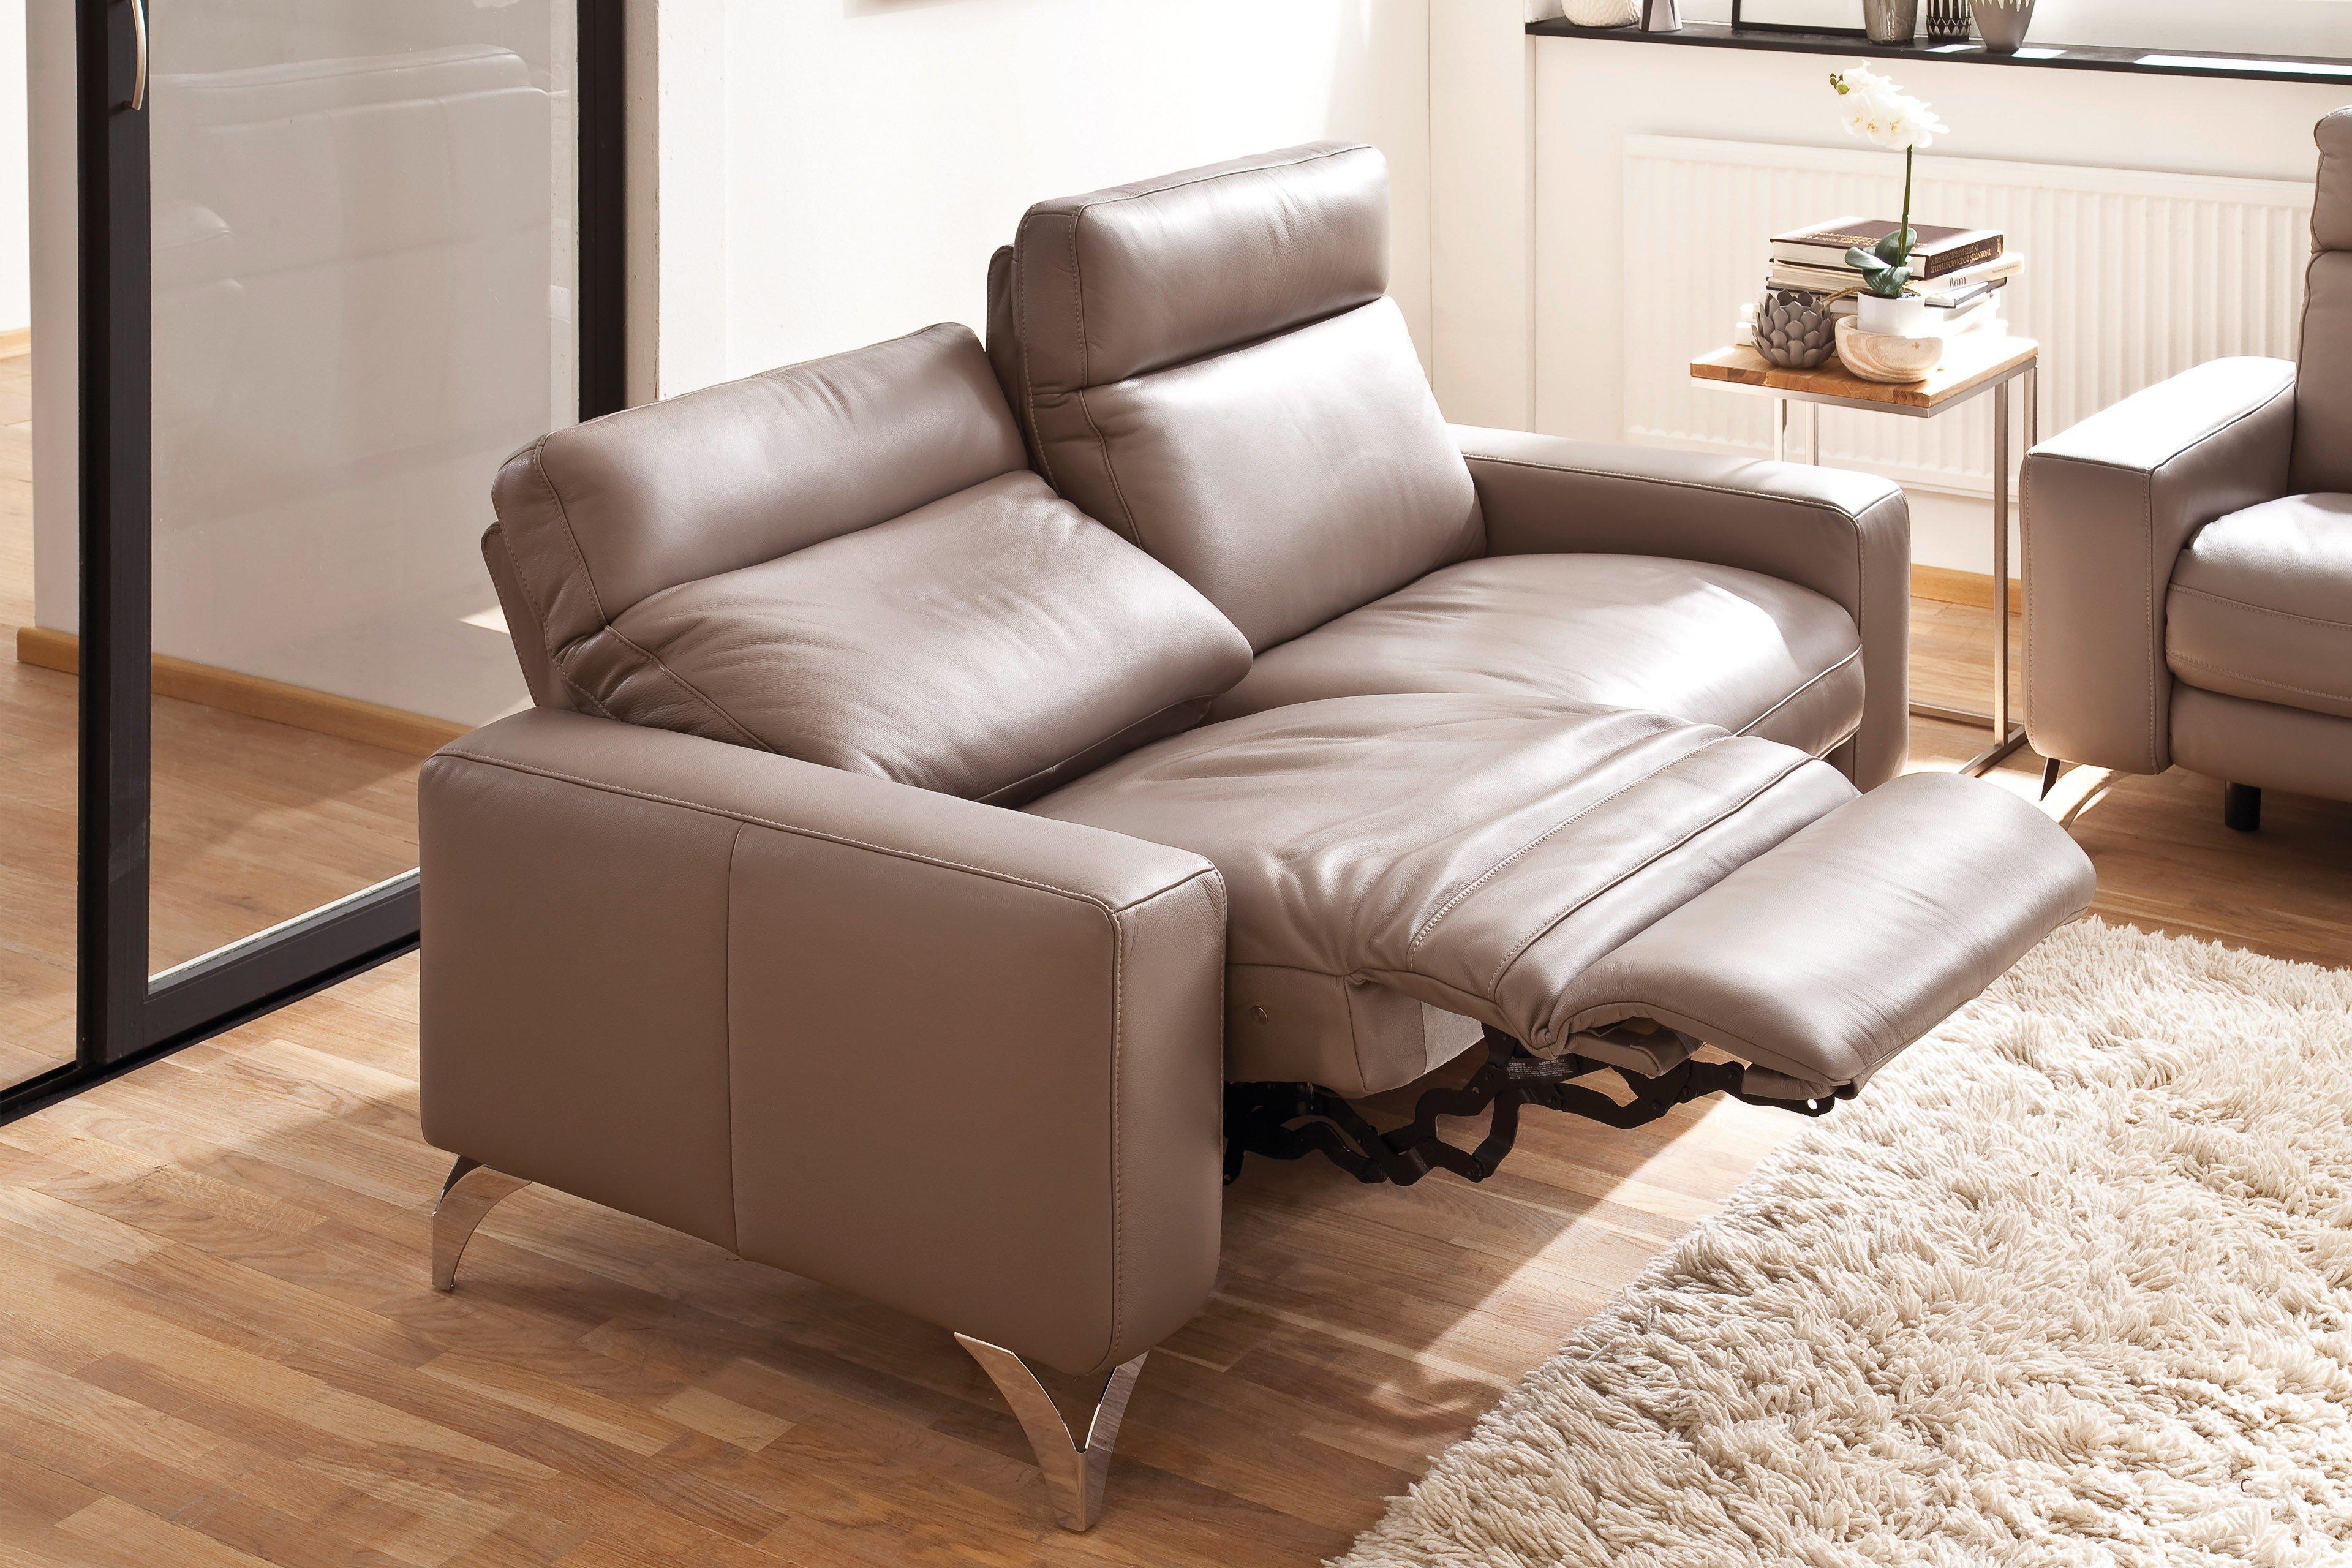 Polsteria home comfort Caspian Ledergarnitur beige | Möbel Letz ...